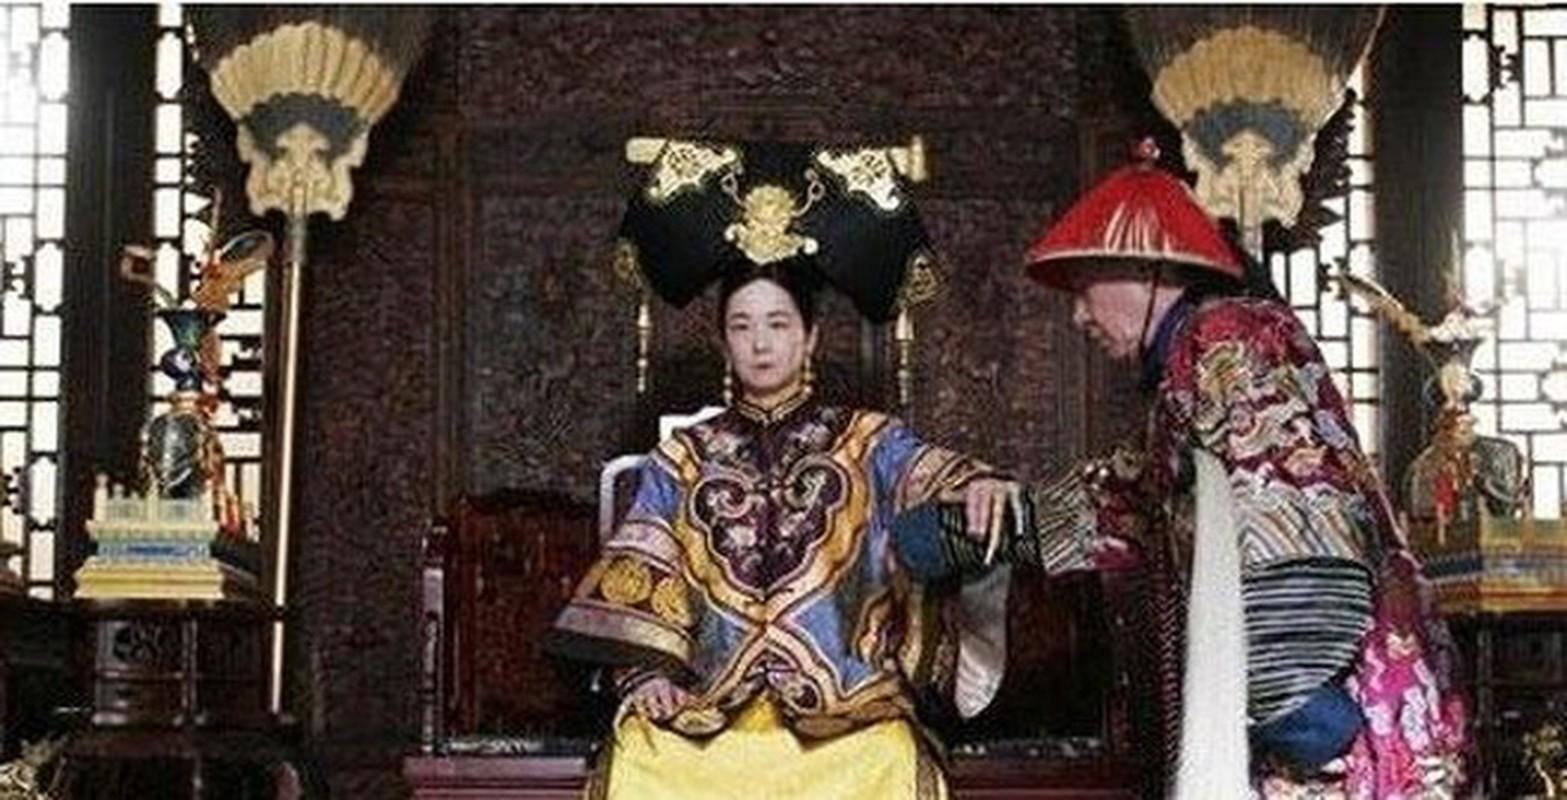 Dieu thu vi ve thai hau quyen luc nhat lich su Trung Quoc-Hinh-9